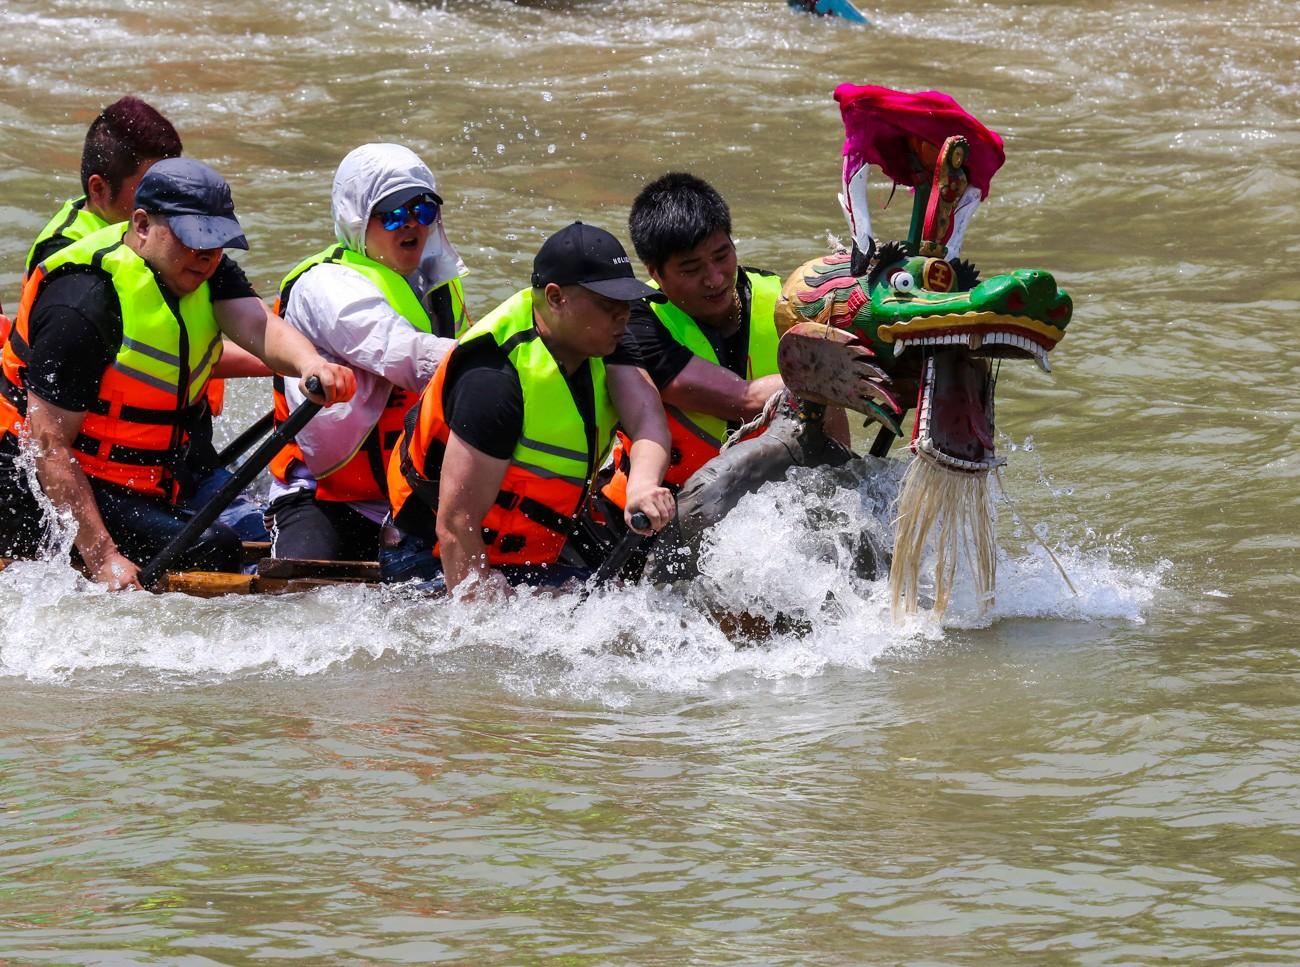 西溪龙舟文化节_图1-13